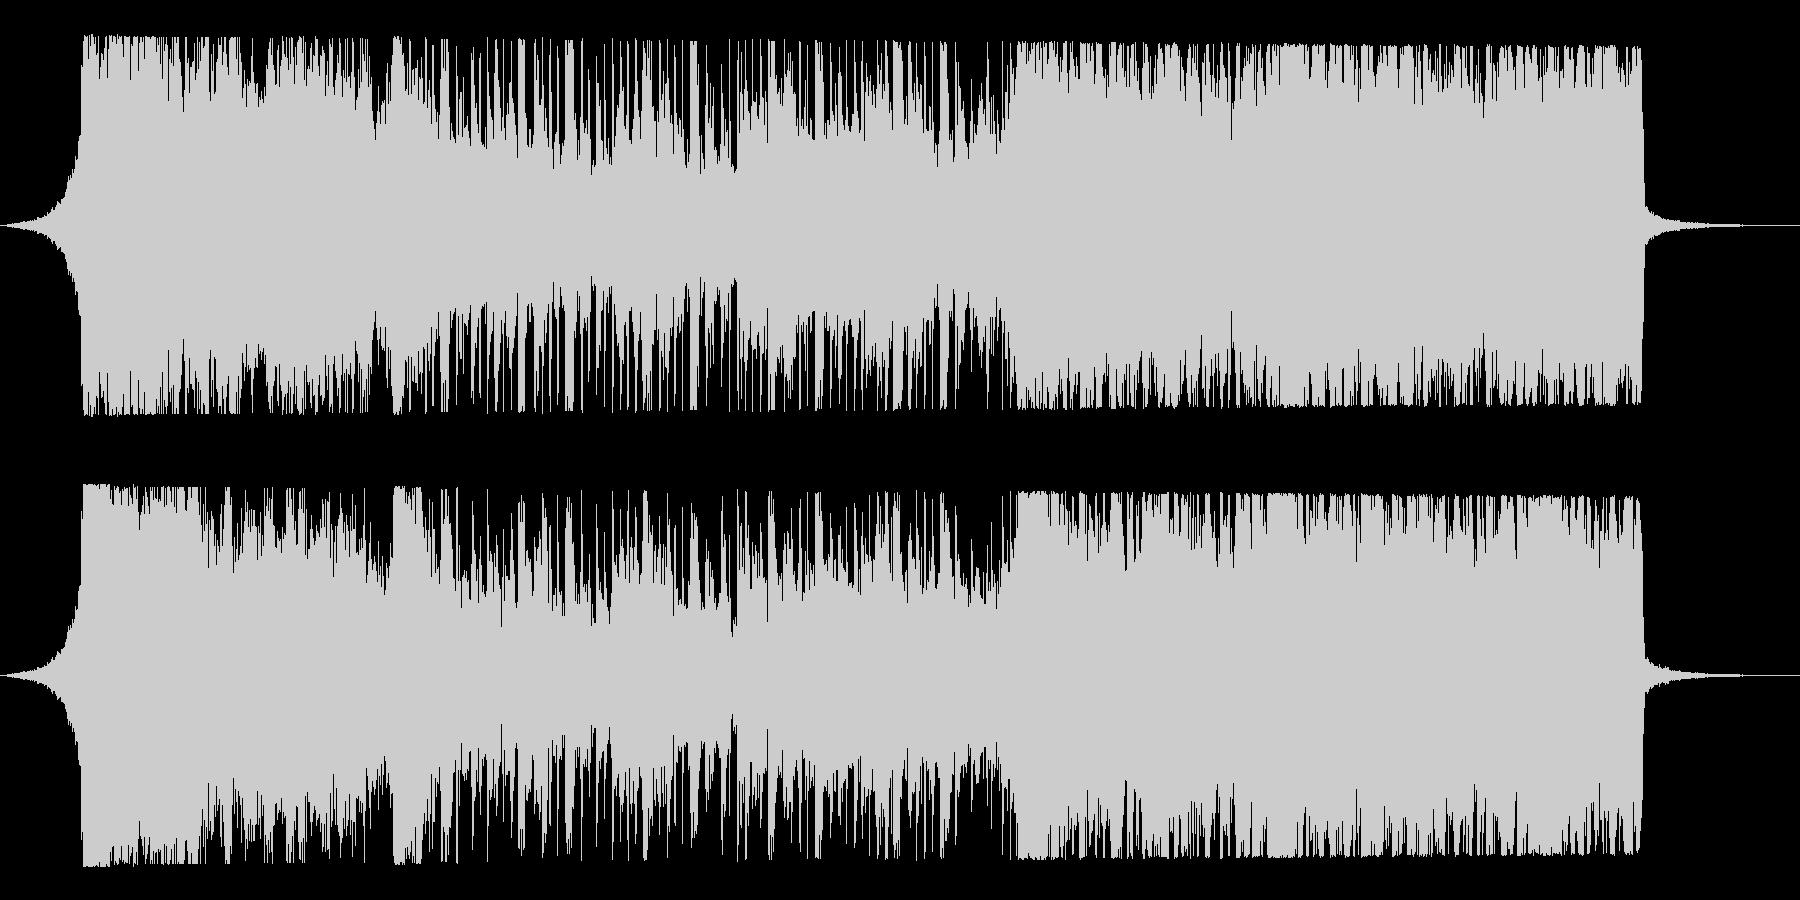 荘厳なシンセオーケストラの未再生の波形